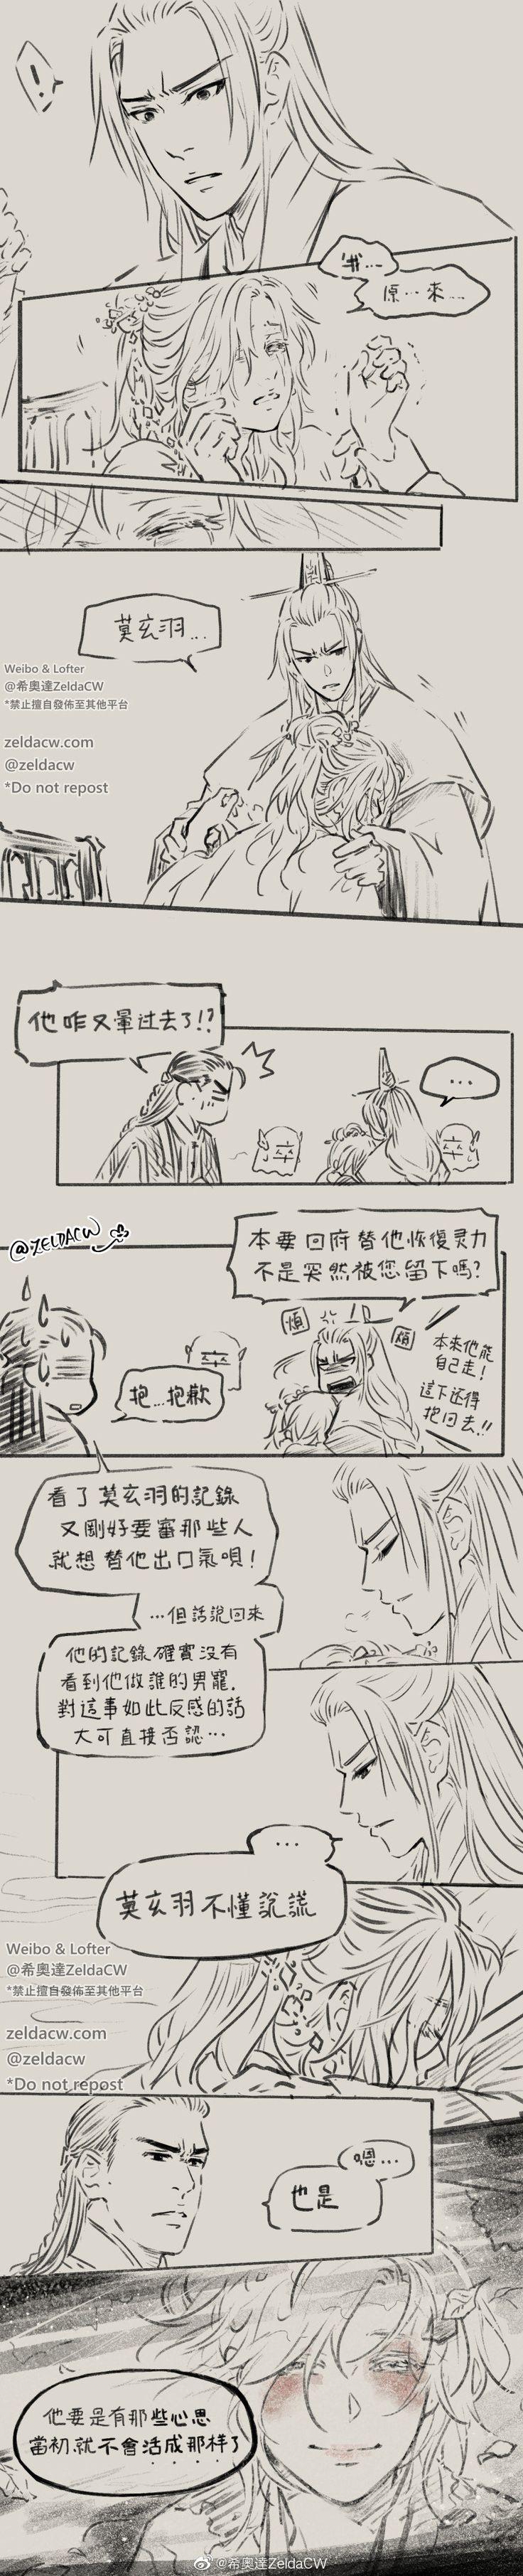 日本動畫 上的釘圖